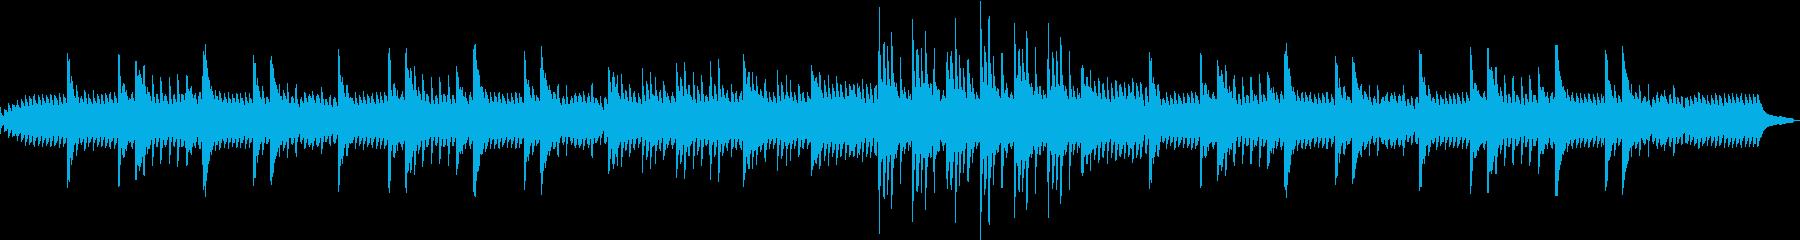 代替案 ポップ 現代的 交響曲 ほ...の再生済みの波形